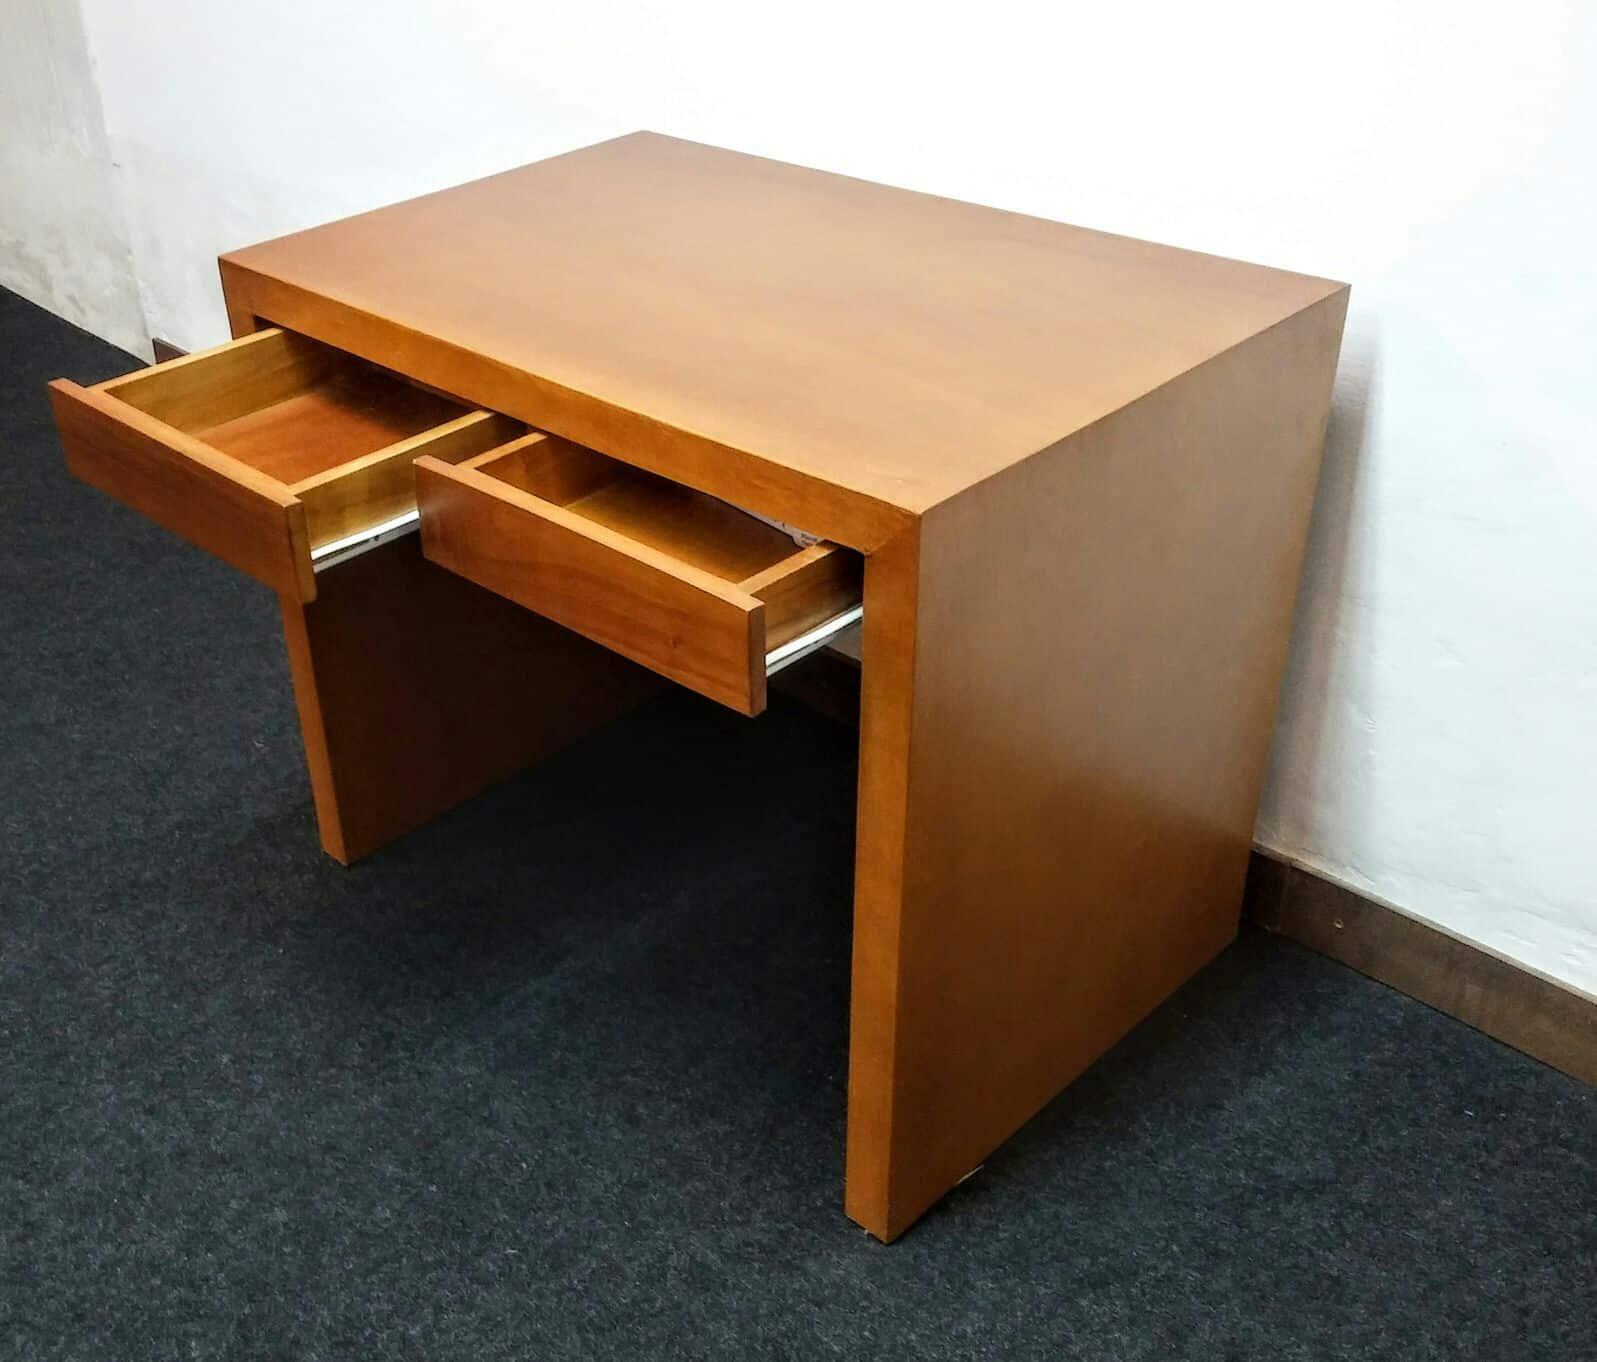 Escritorio con cajones en madera omb muebles uruguay - Escritorio cajones ...